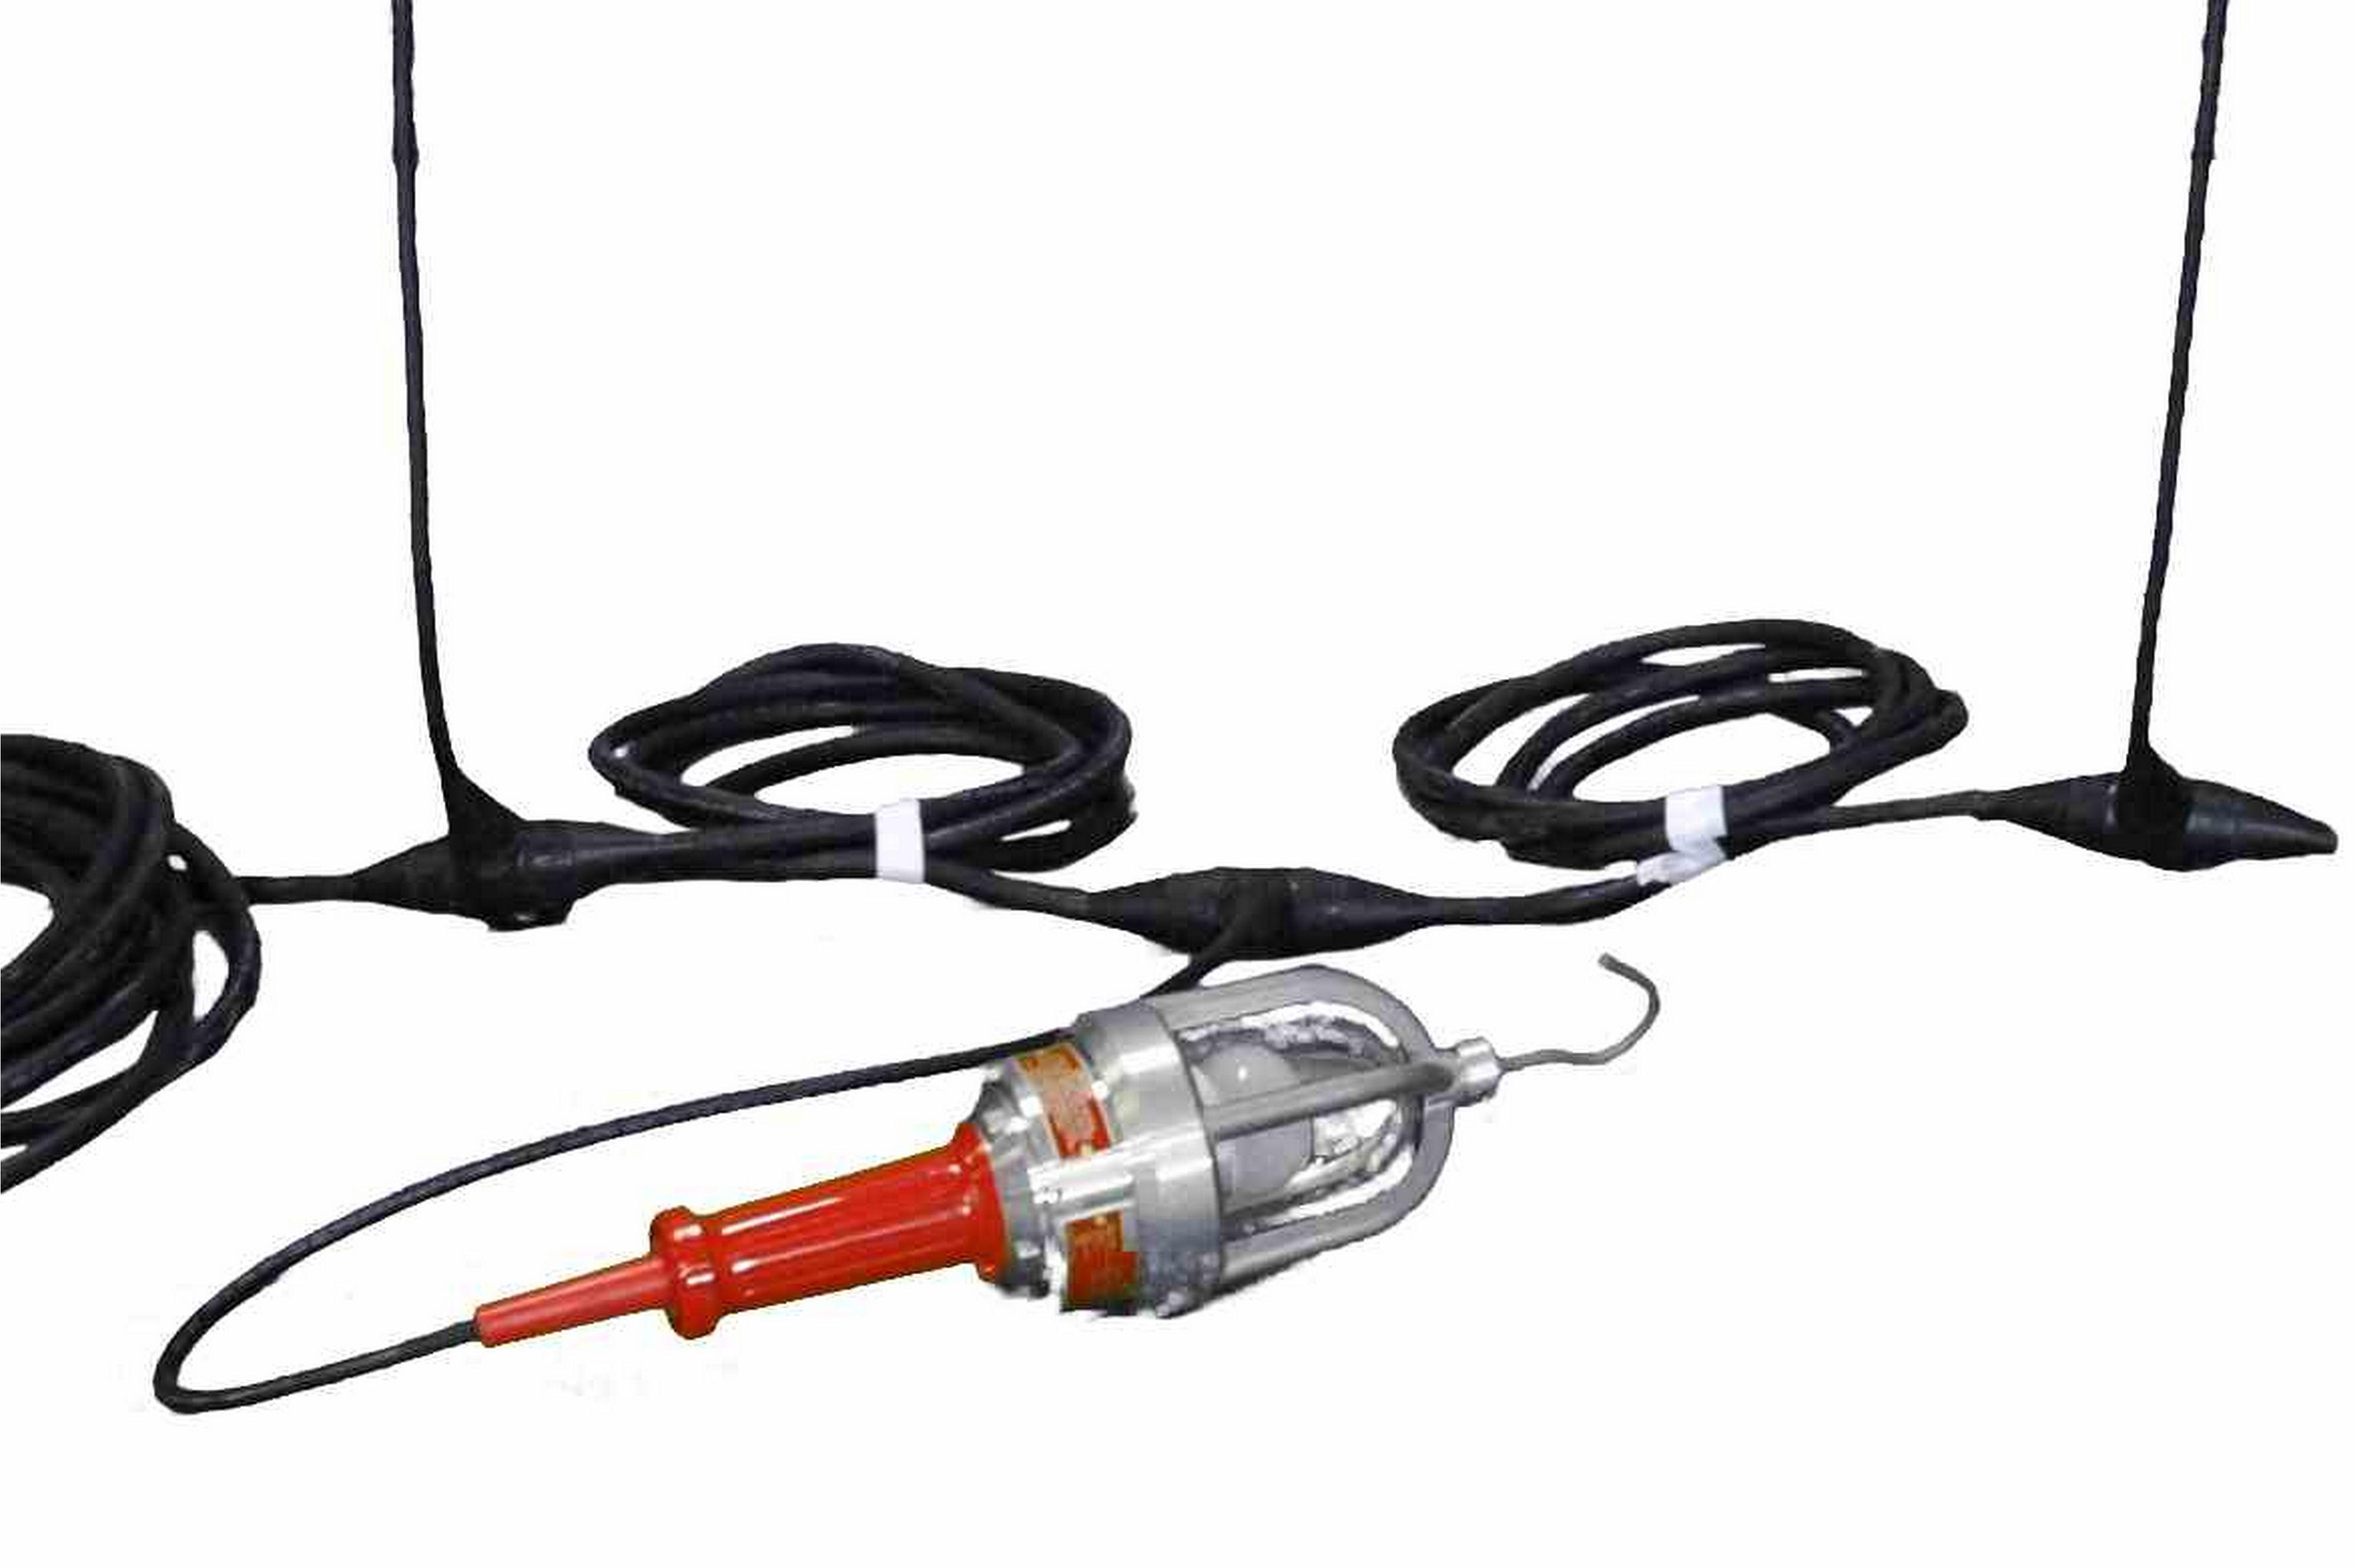 Rental Explosion Proof Led String Lights